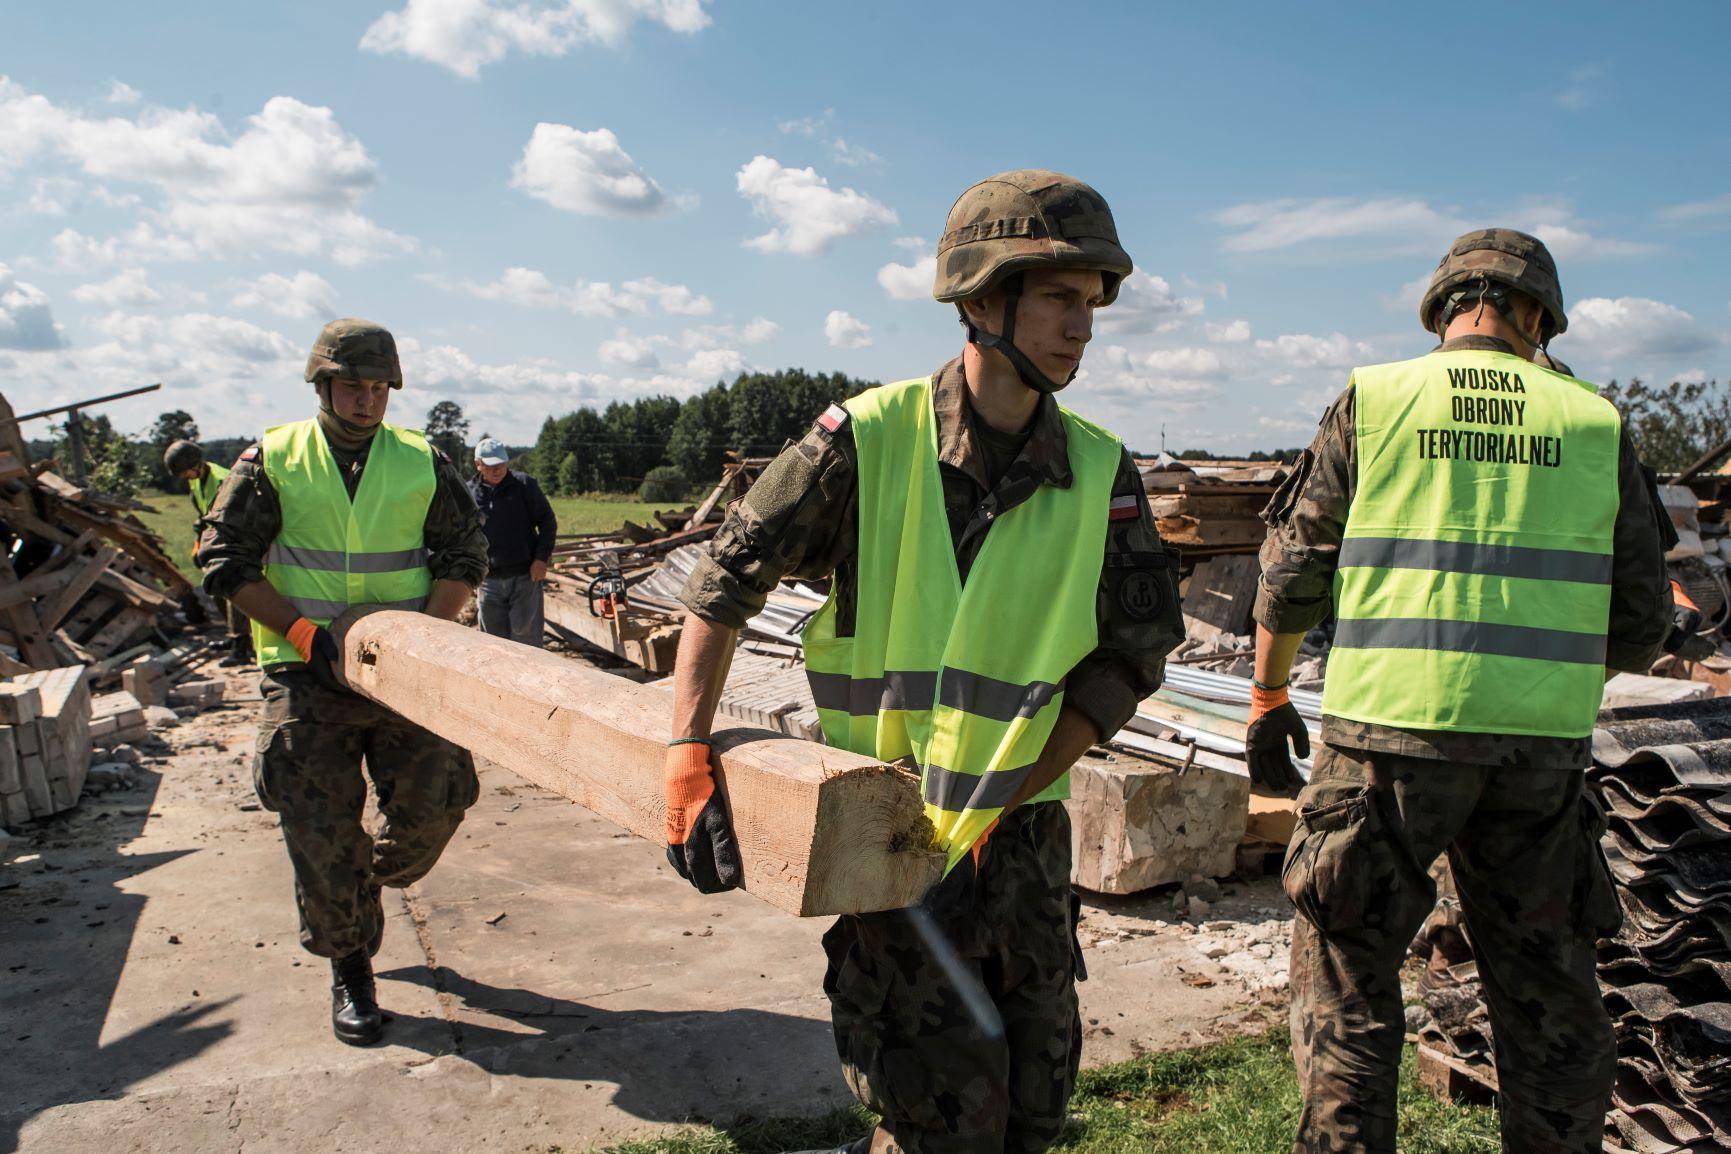 Województwo lubelskie: Terytorialsi pomagają w usuwaniu skutków nawałnic - Zdjęcie główne